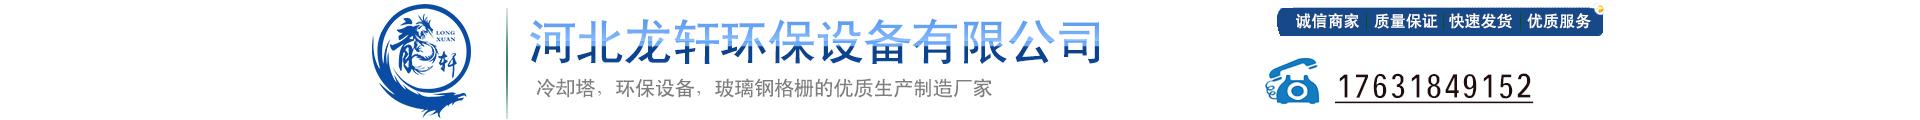 河北龍軒環保設備有限公司